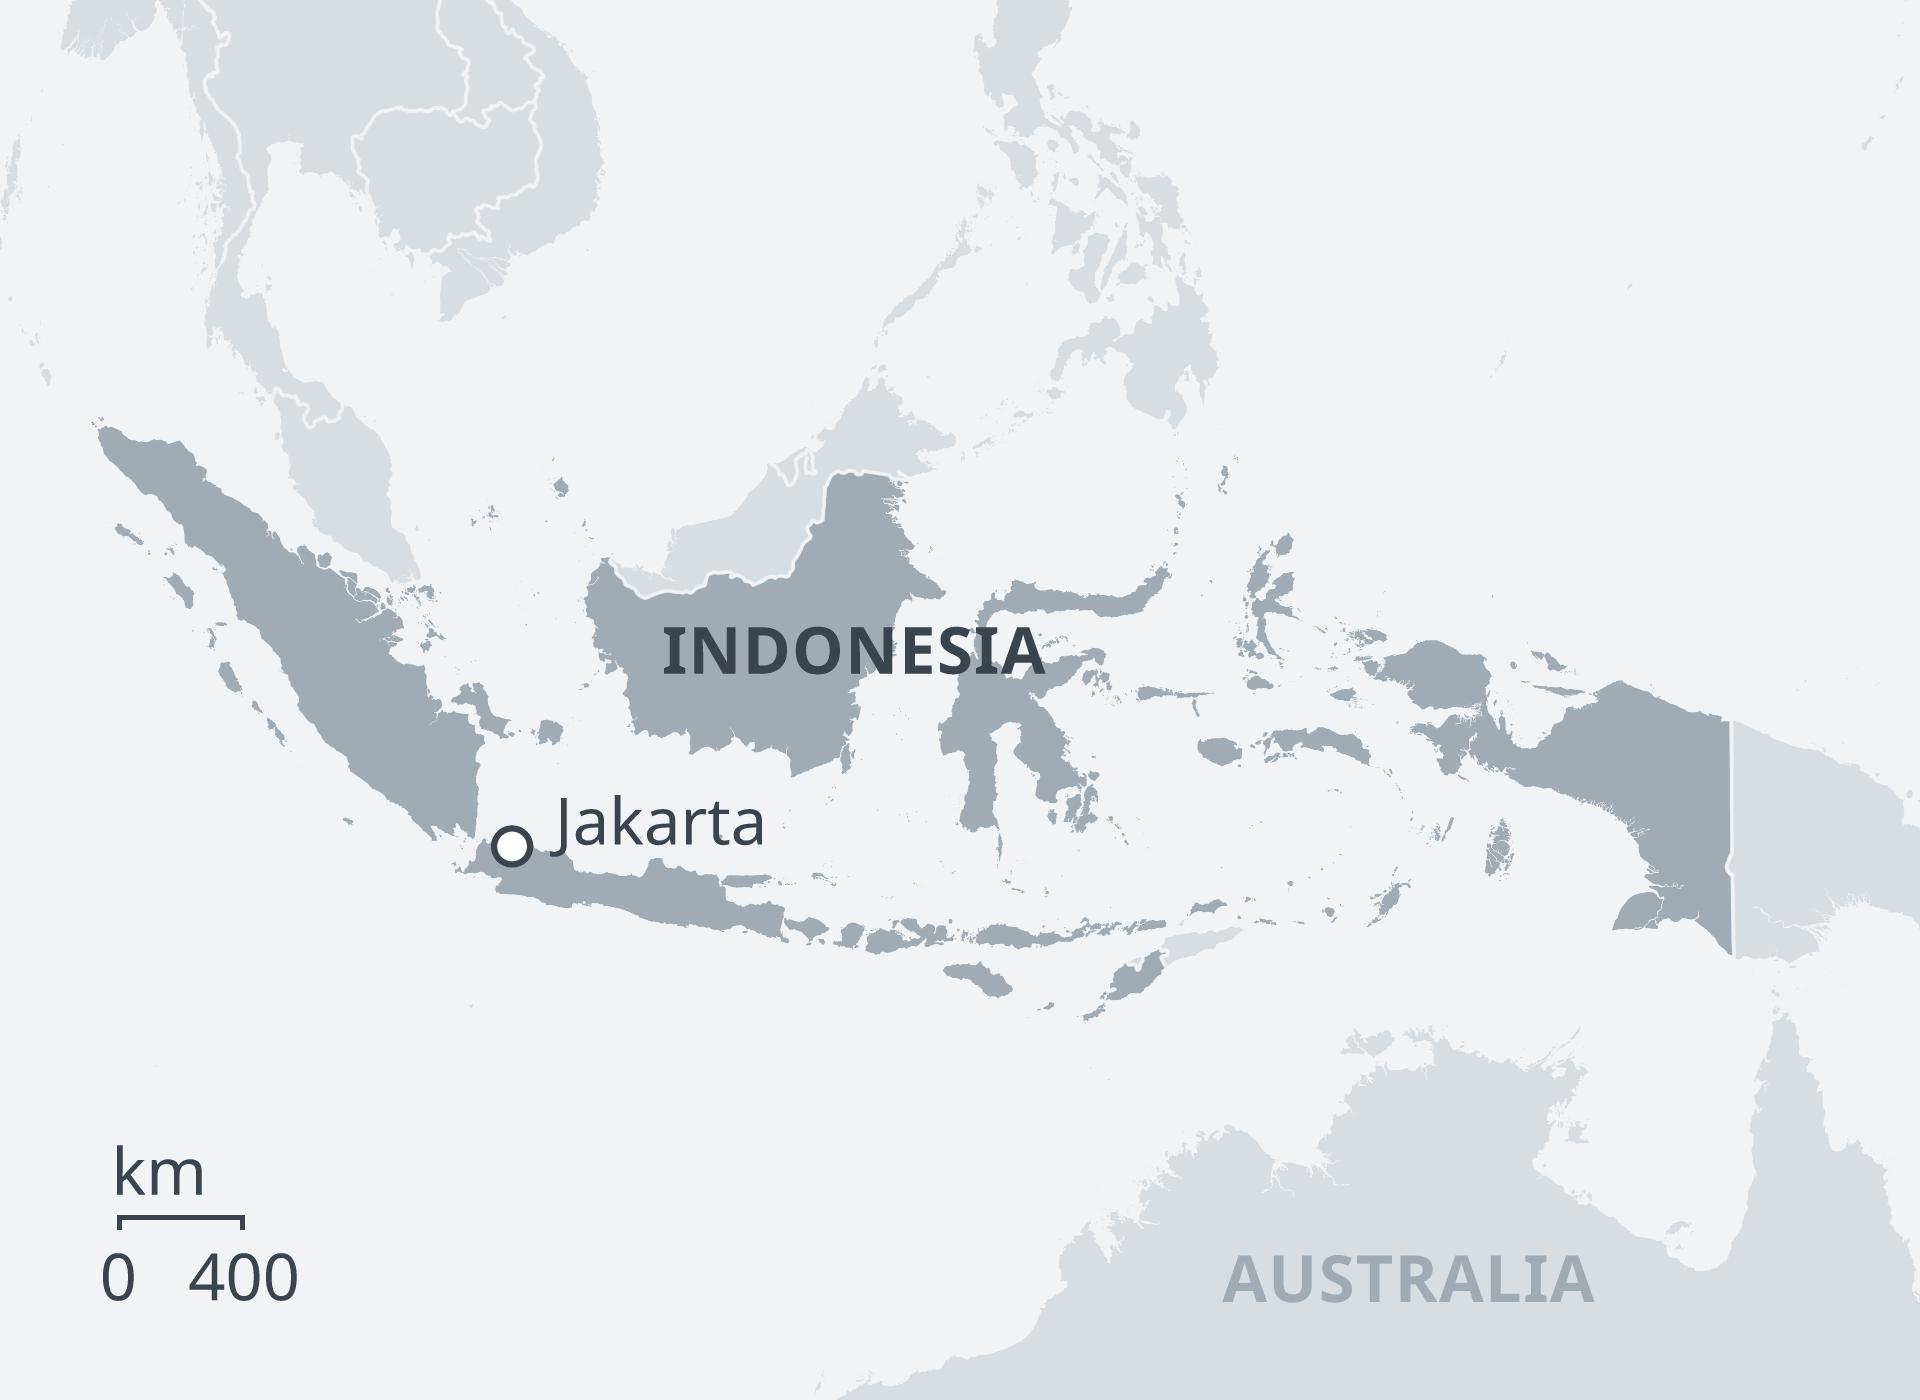 印度尼西亚雅加达受到大停电的影响